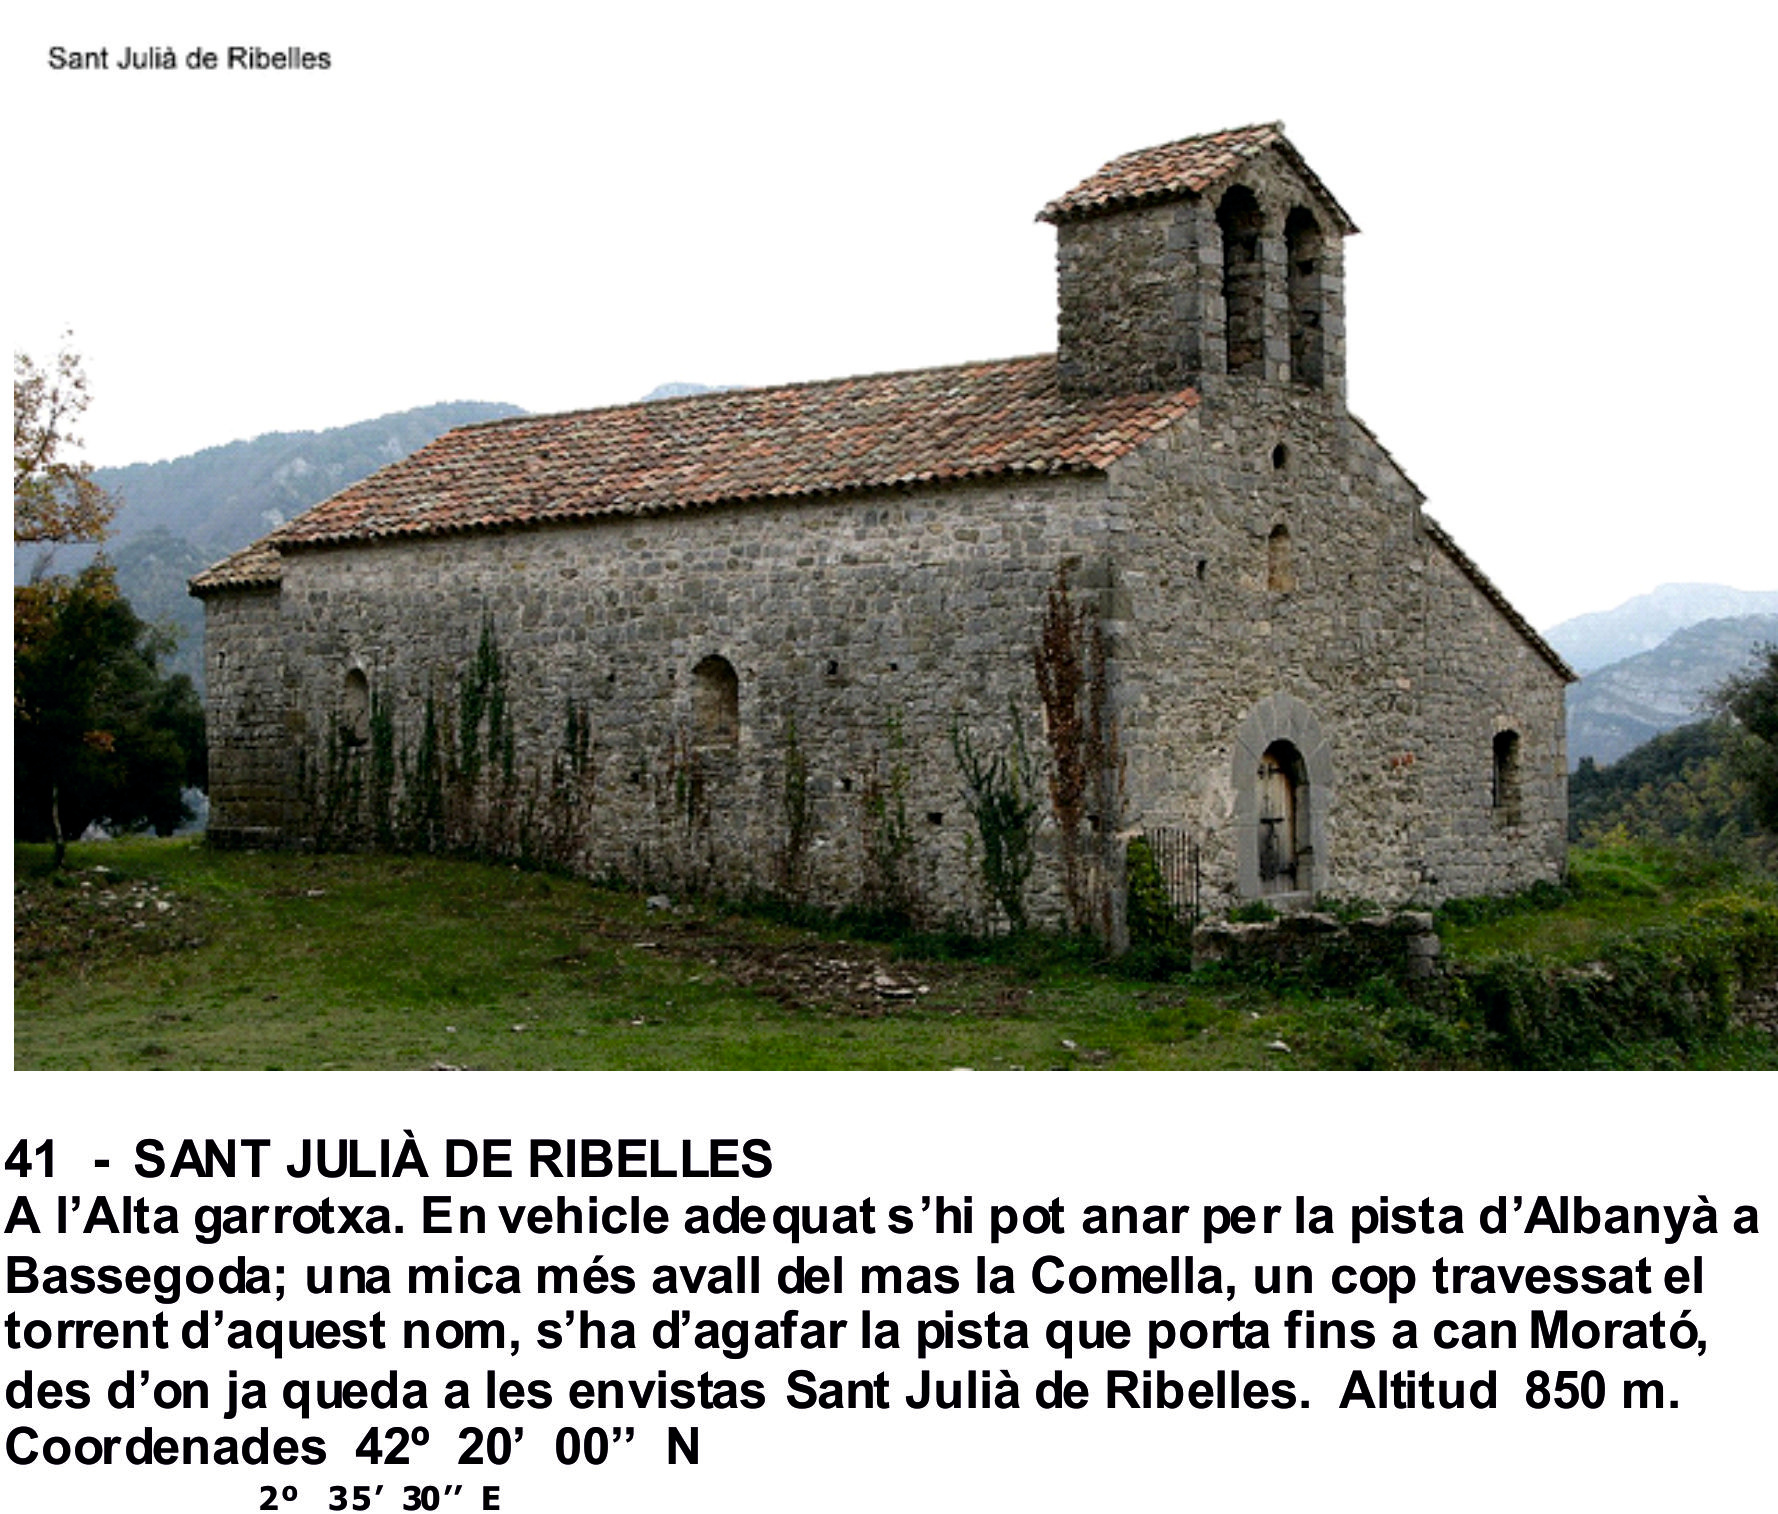 41__-__SANT_JULIÀ_DE_RIBELLES